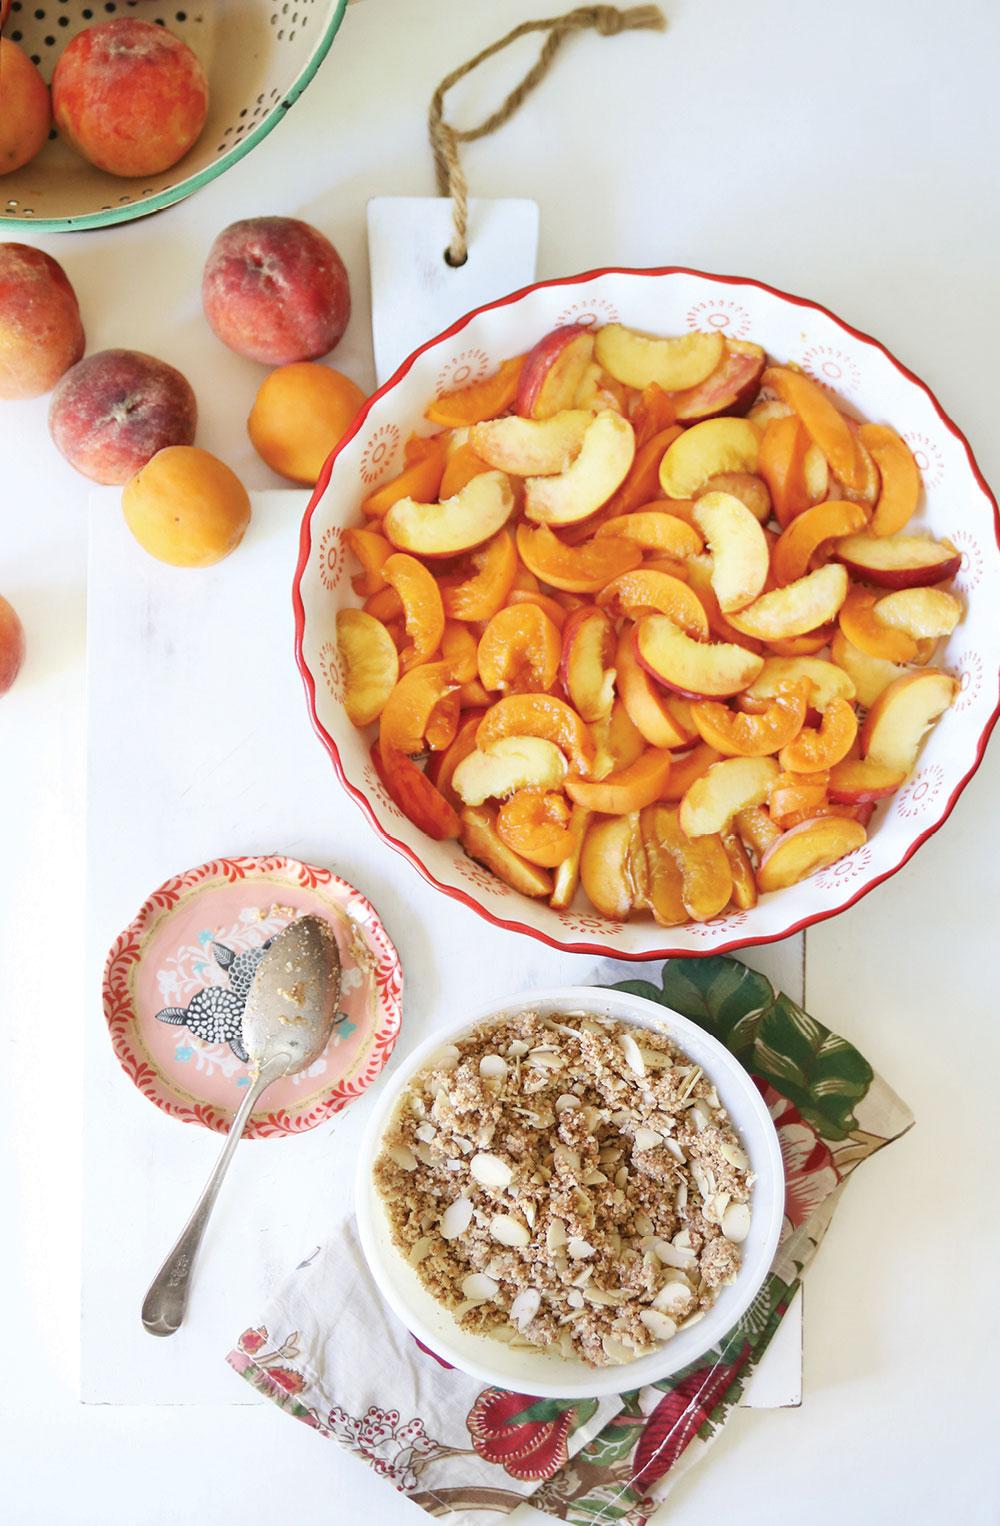 Grain-Free-Peach-Apricot-Crisp-Crumble-Pure-Ella-Leche4